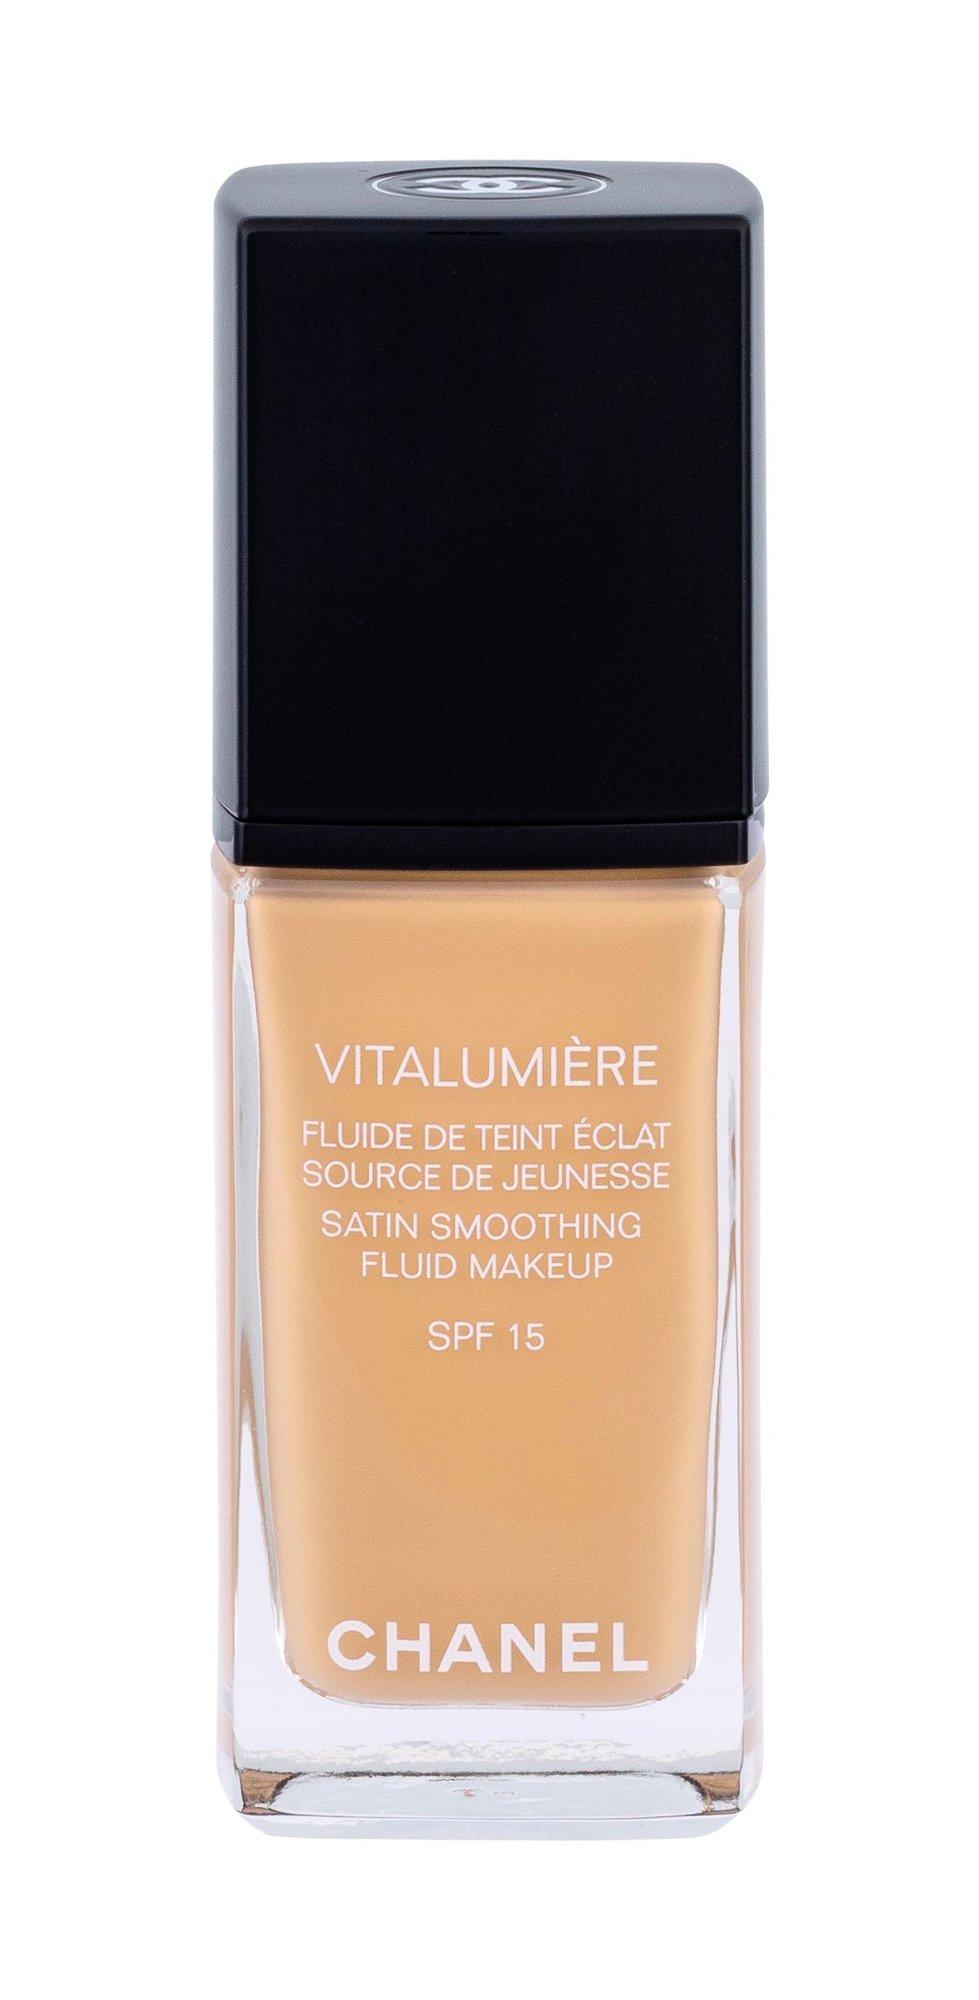 Chanel Vitalumiere Makeup 30ml 30 Cendré SPF15